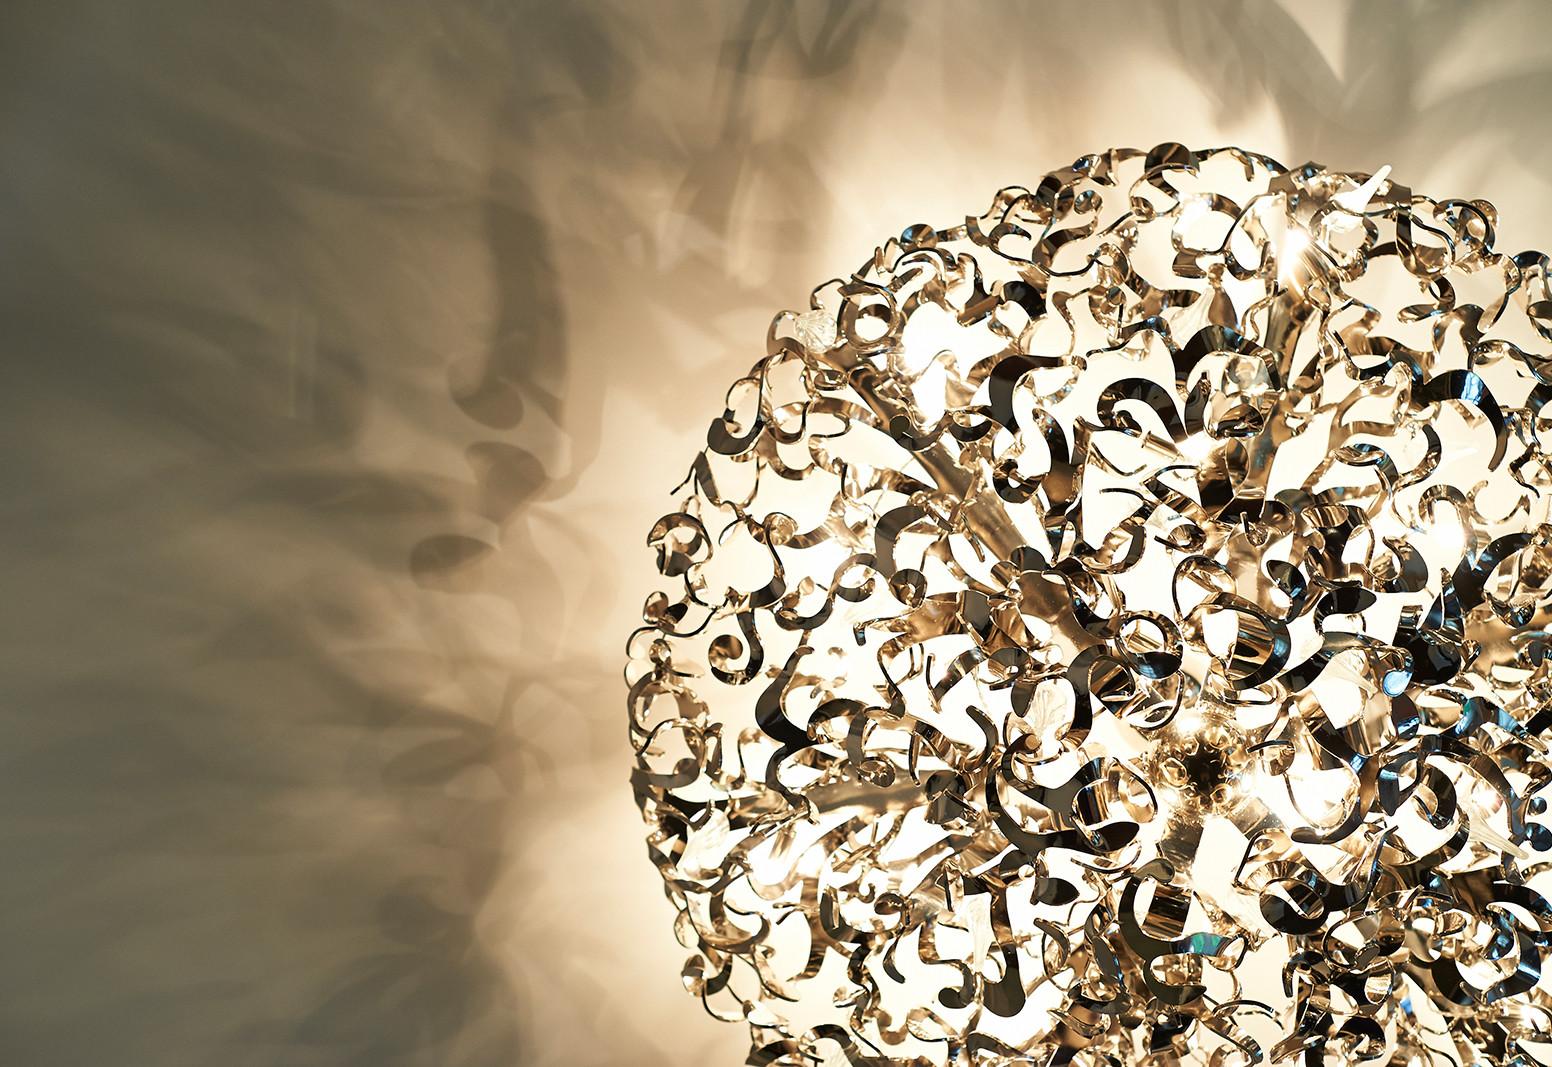 Hier sehen Sie ein Bild von Stefanie Raum Beleuchtung Detail Raum Contemporary Interior